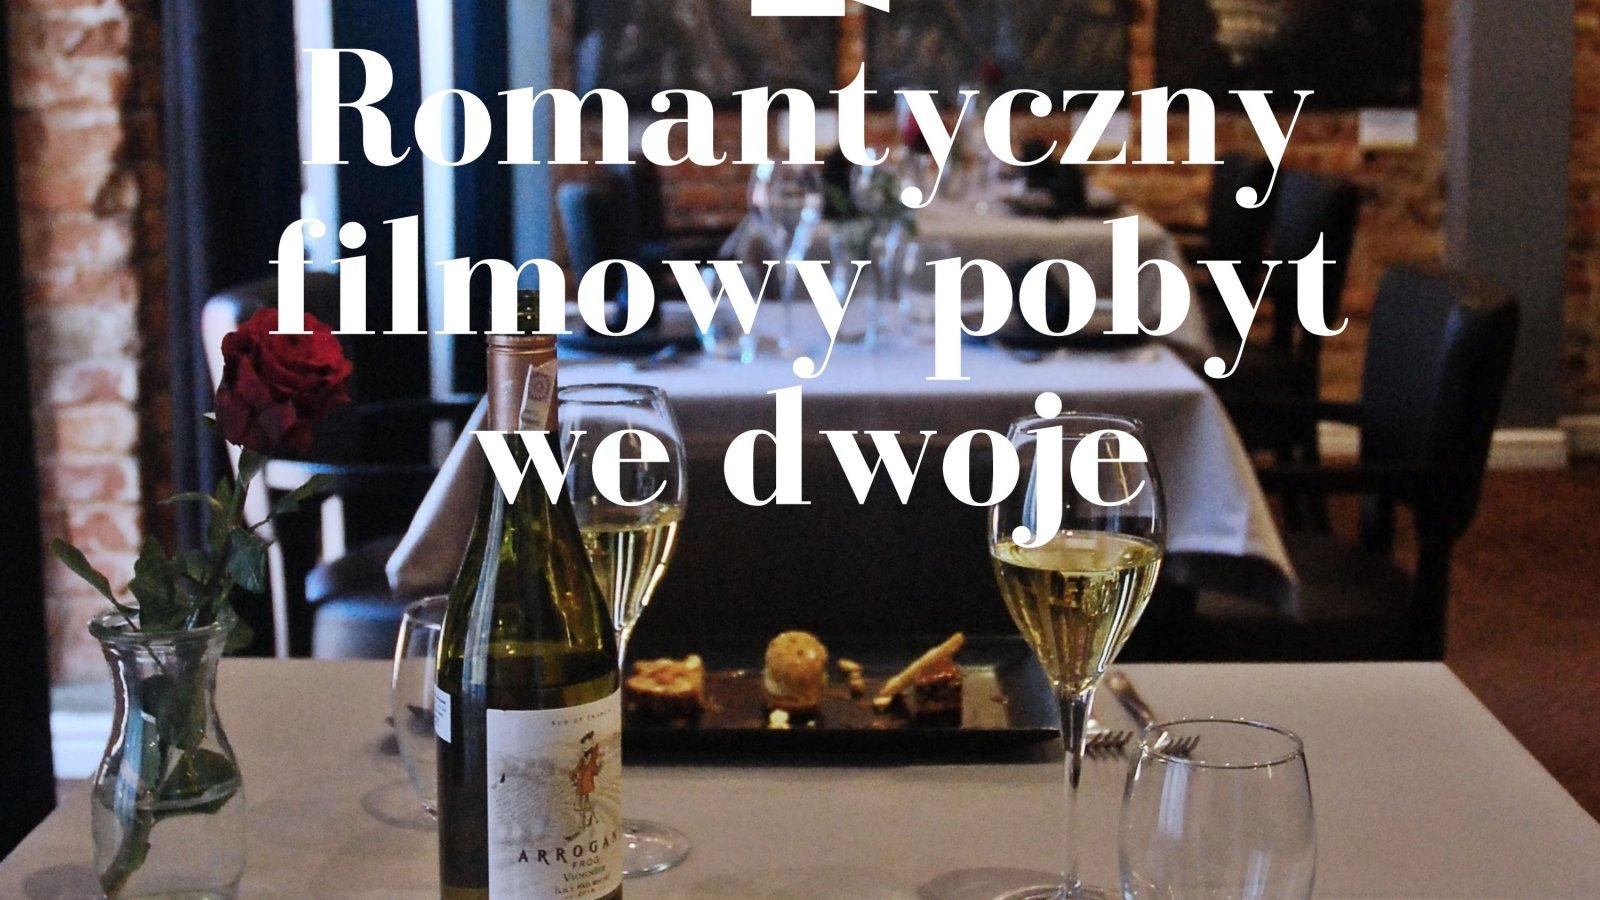 Romantyczny, filmowy pobyt we dwoje ♡